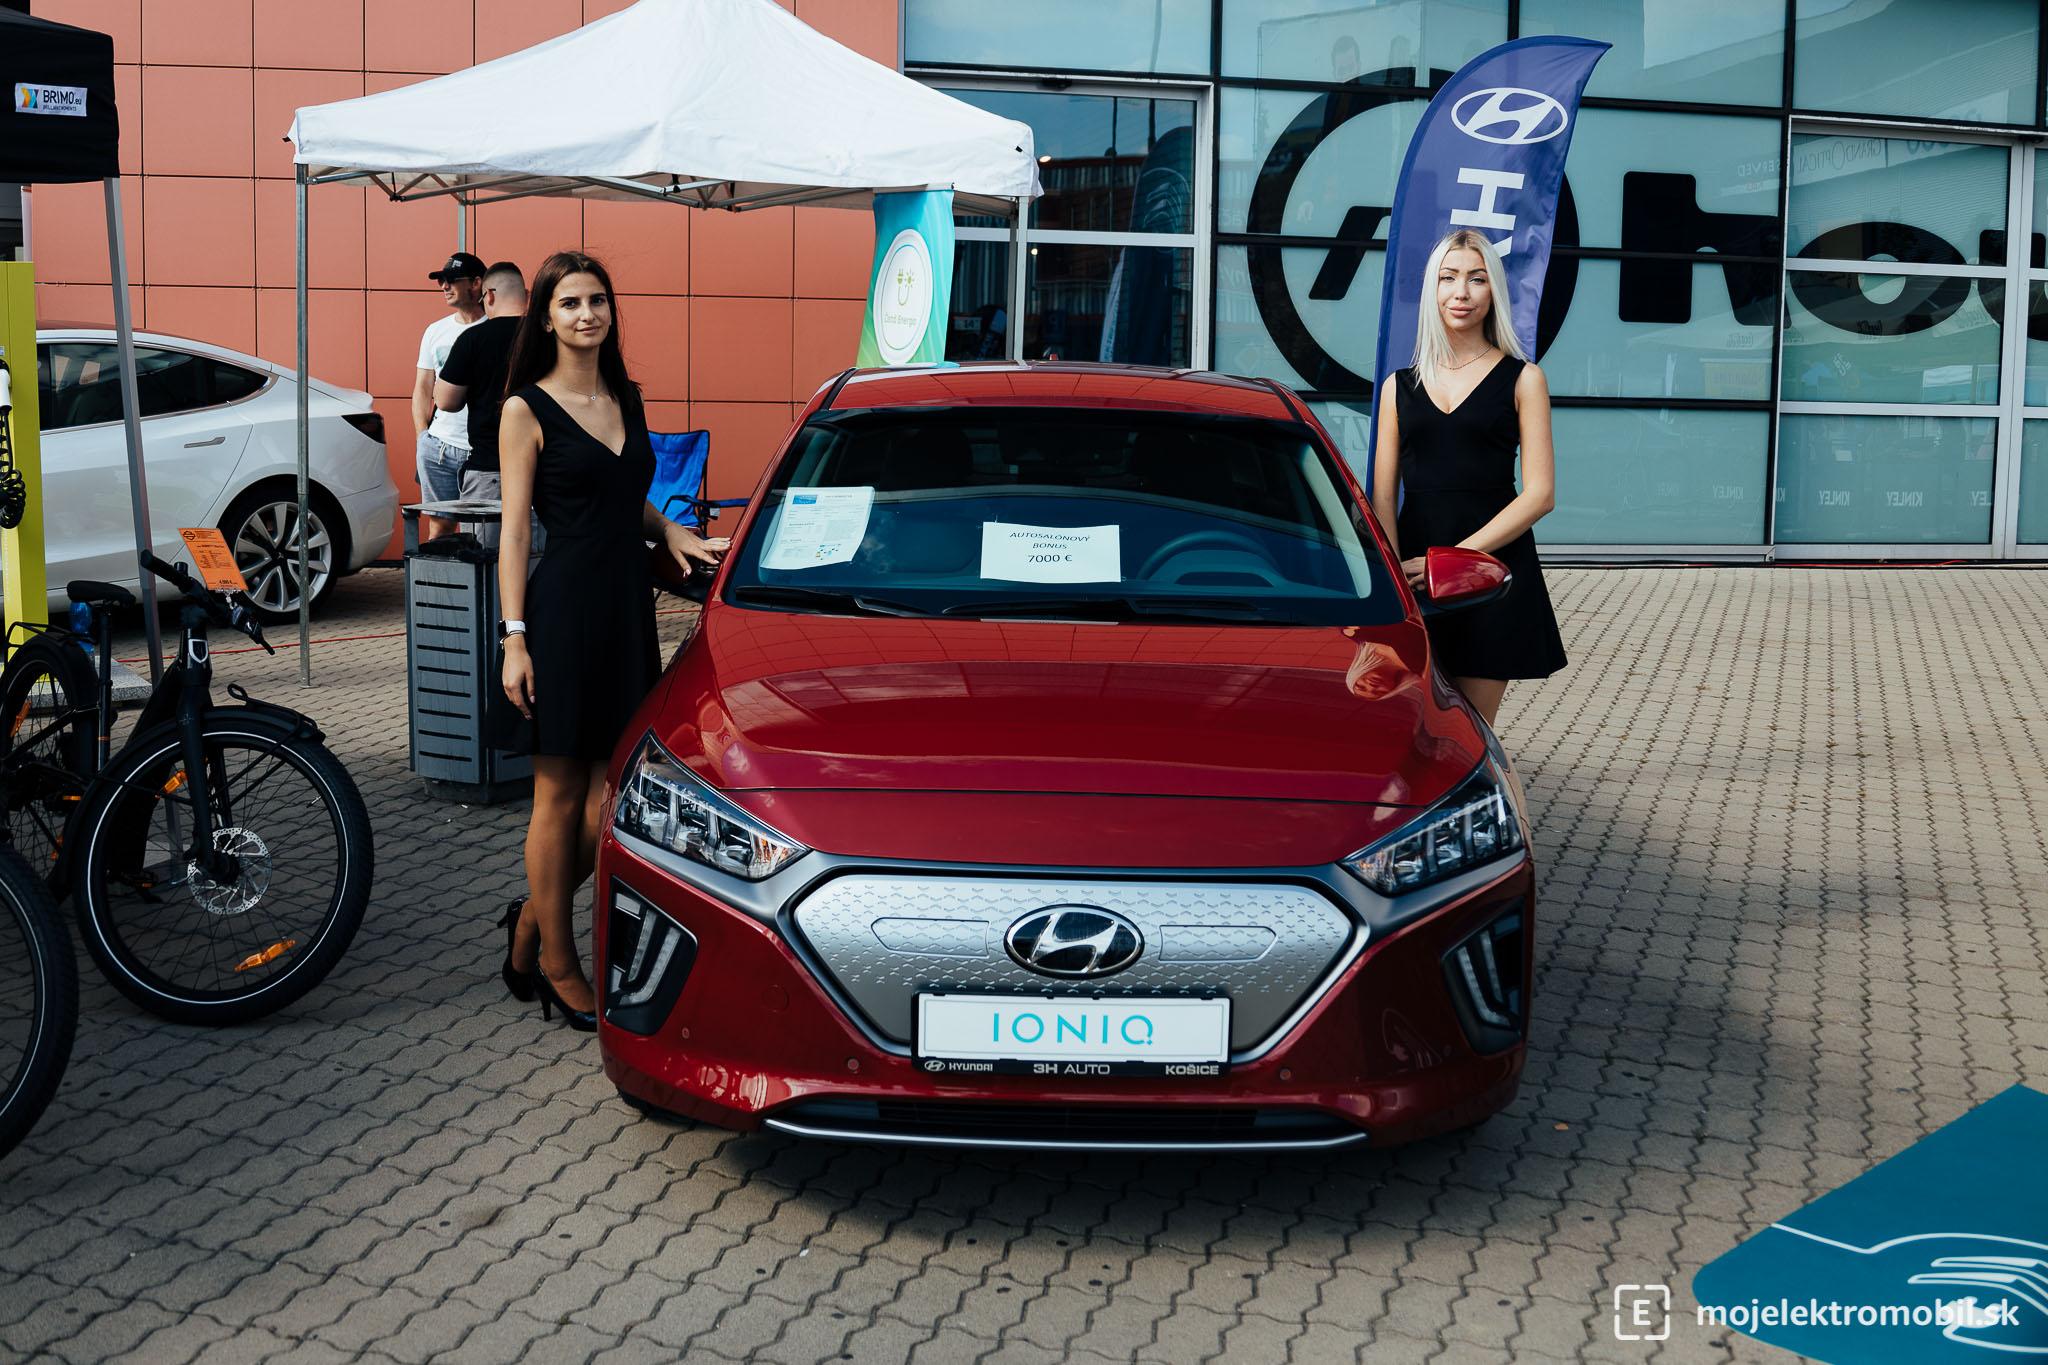 Hyundai Salon elektromobilov 2021 Kosice